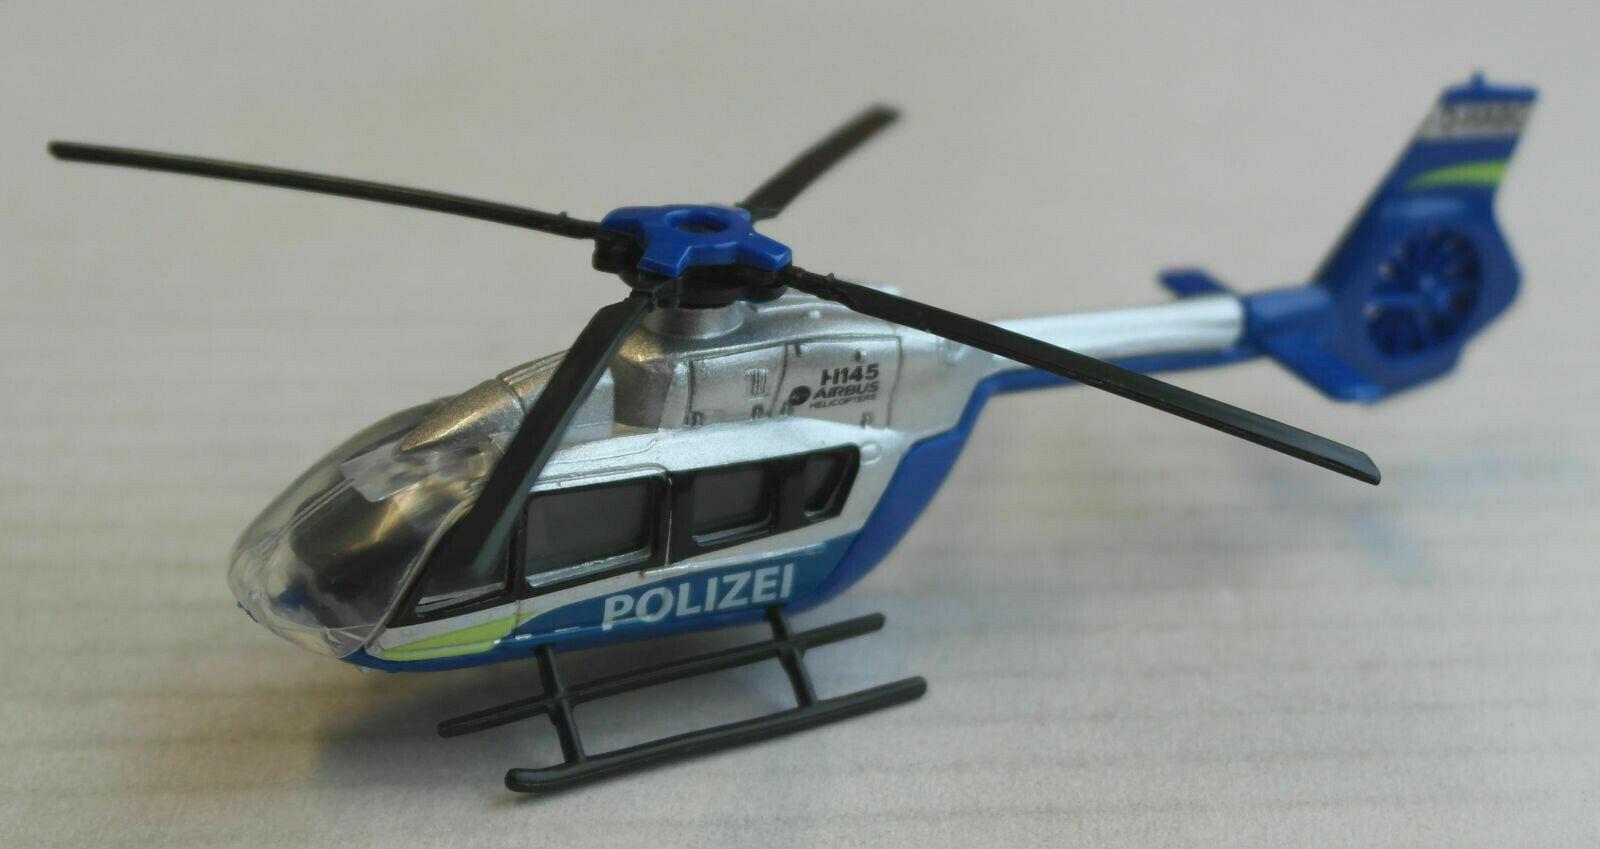 Majorette Eurocopter EC145 Hubschrauber silber/blau POLIZEI German Police Heli